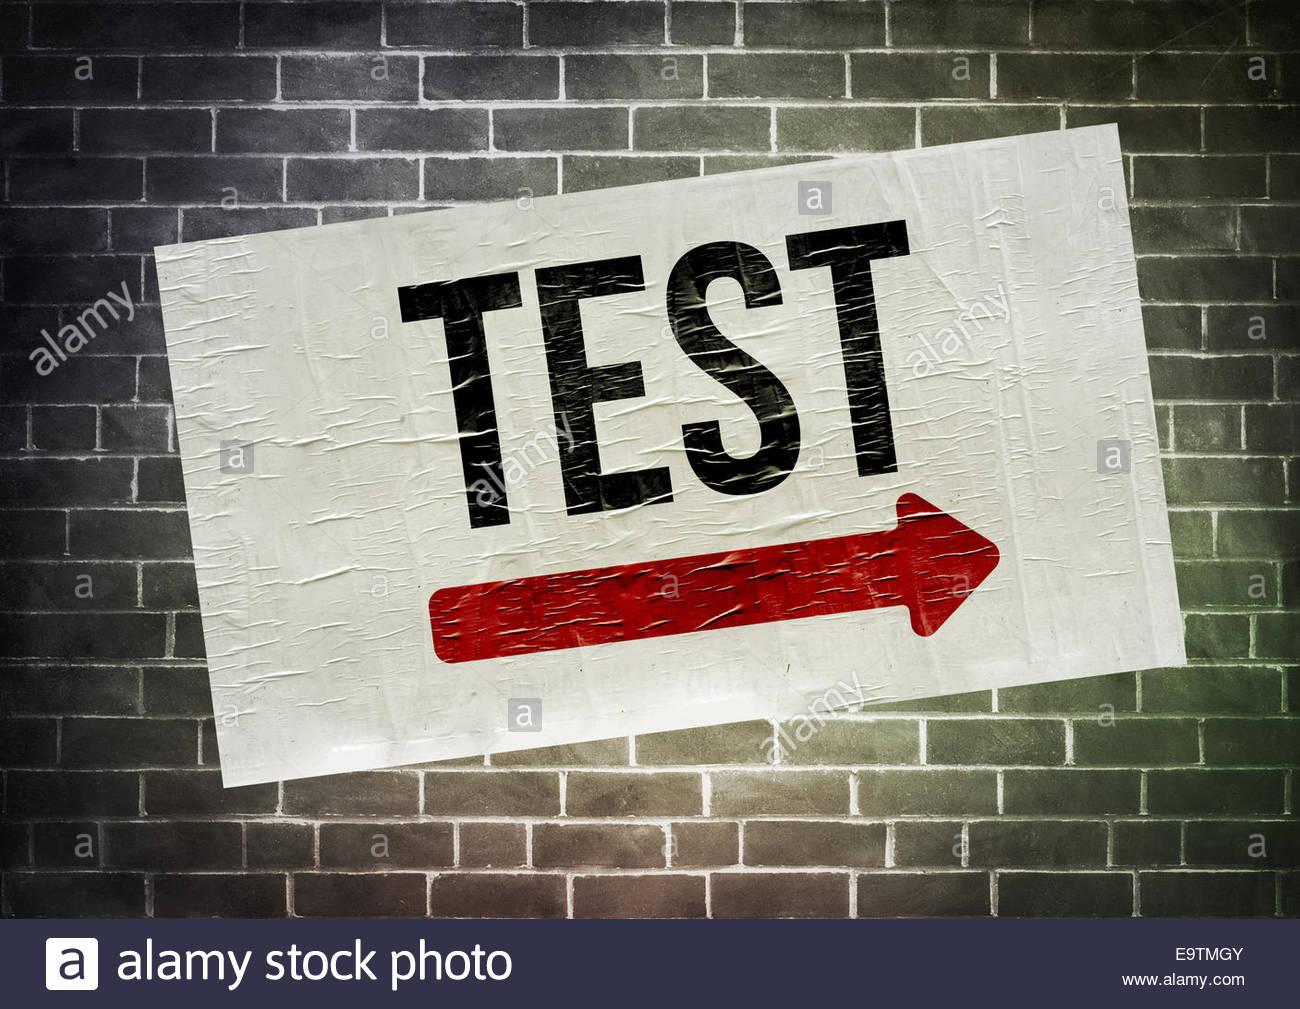 TEST - Concetto di poster Immagini Stock